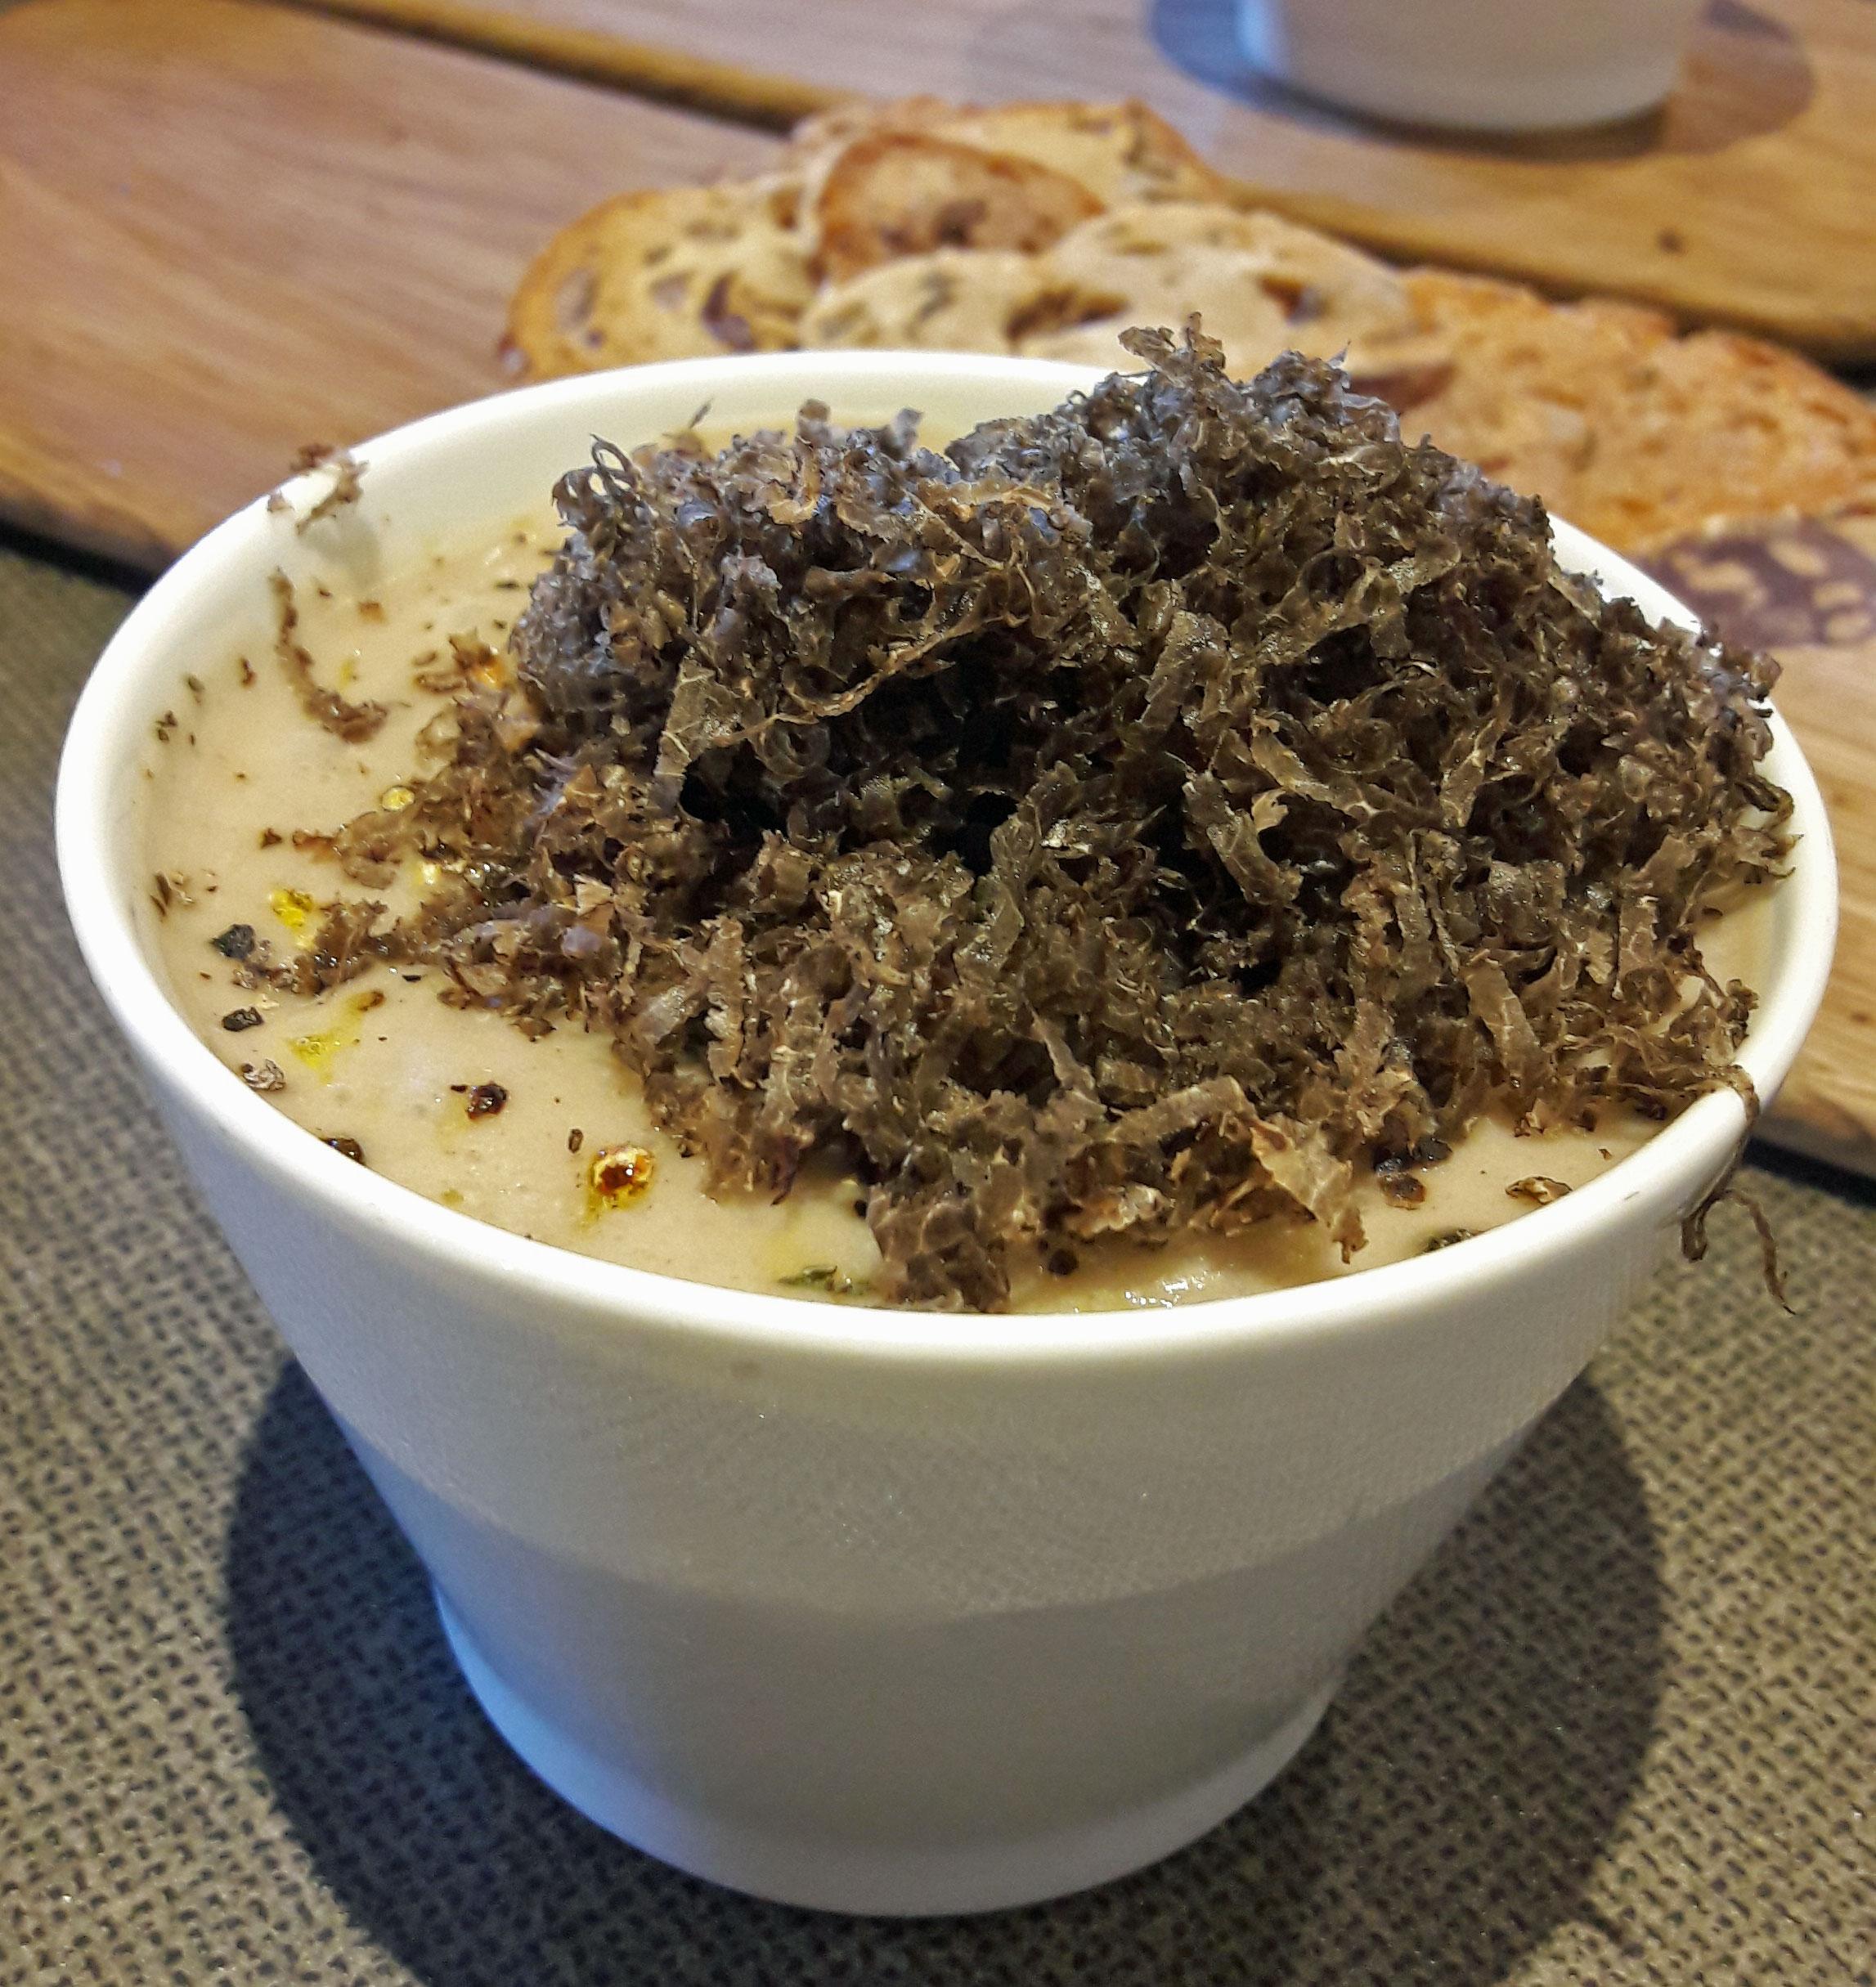 Restaurante Els Casals Terrina de ciervo con castaña y trufa tuber melanosporum